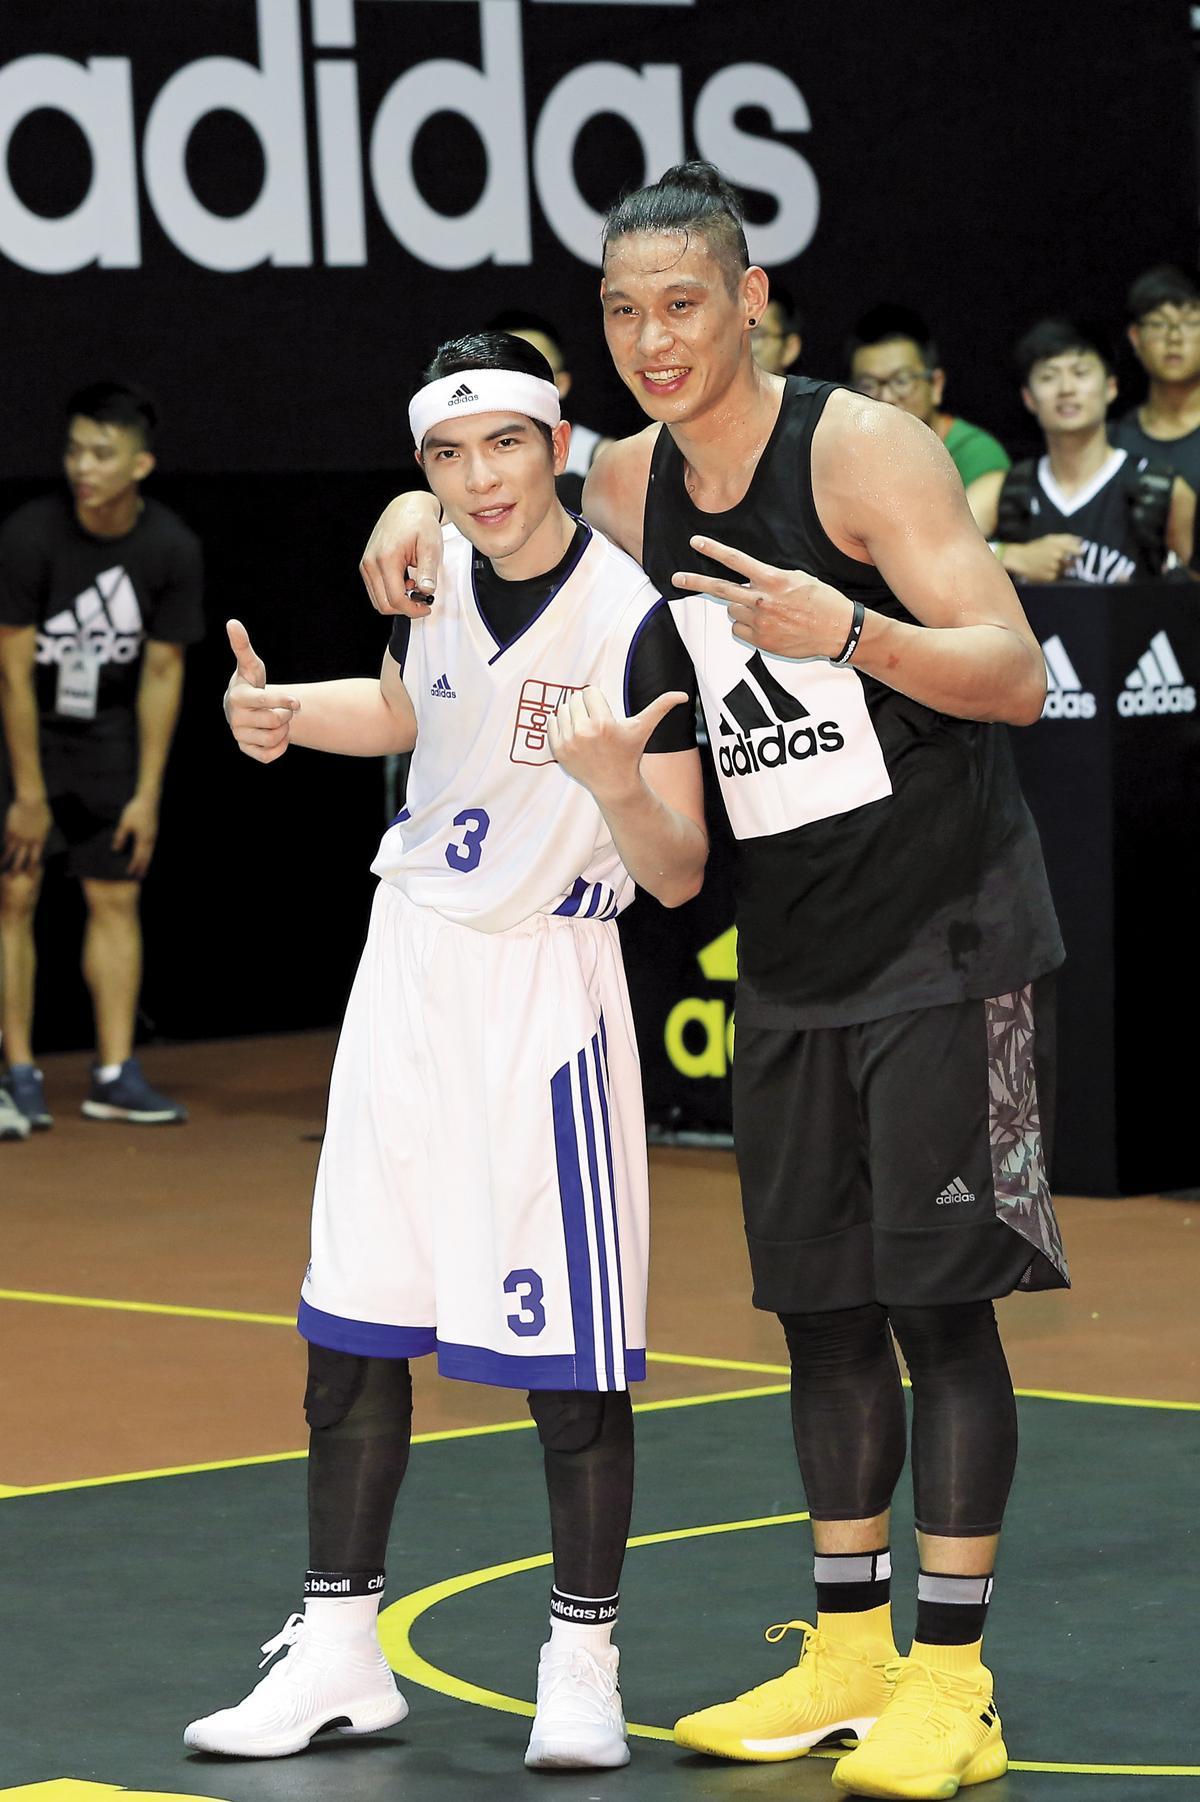 林書豪事後還誇獎蕭敬騰球技很好。